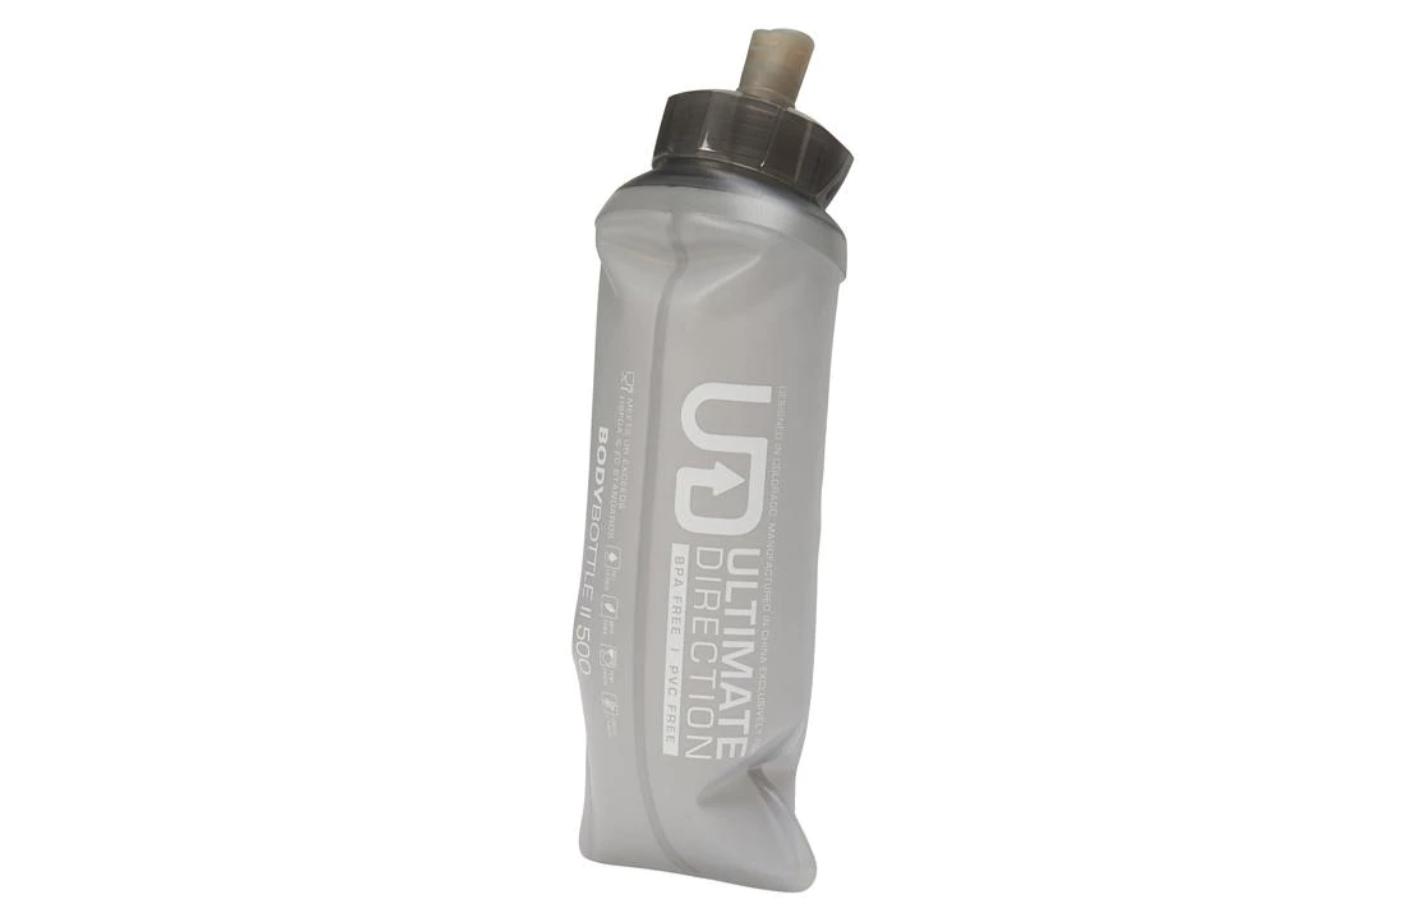 La importancia de elegir un buen sistema de hidratación